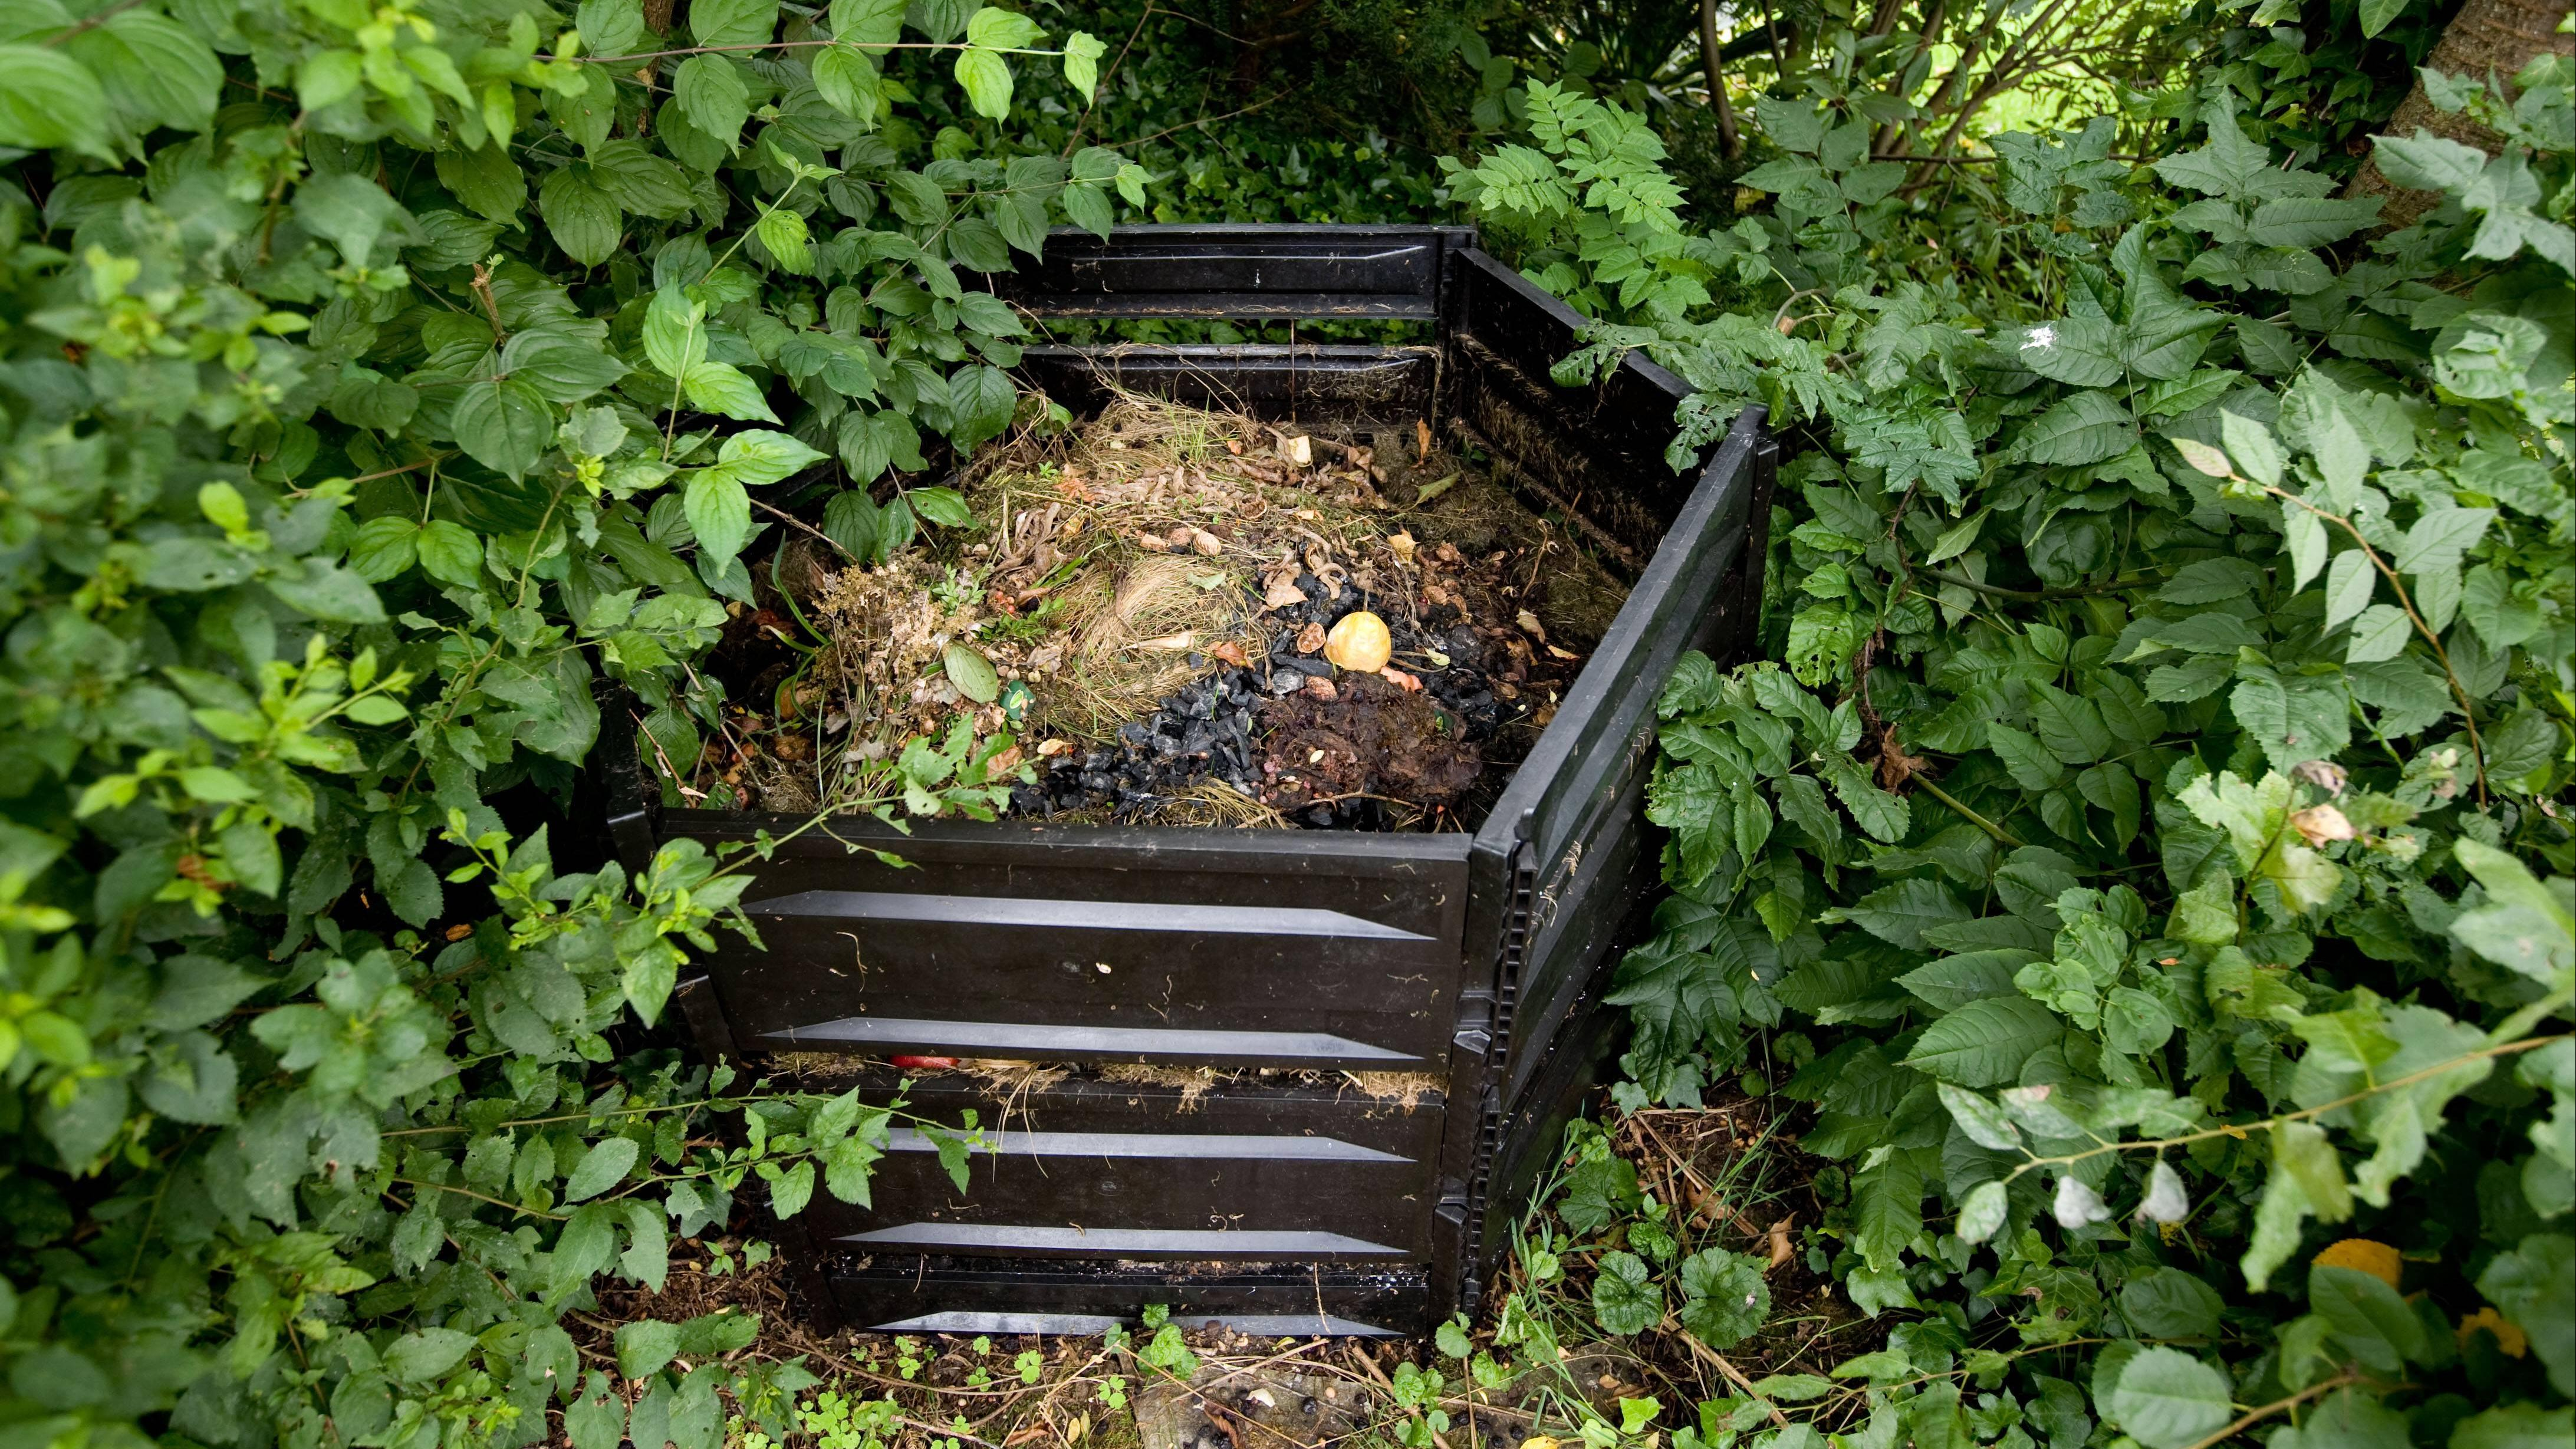 Kompostbeschleuniger auf dem Haufen verteilen